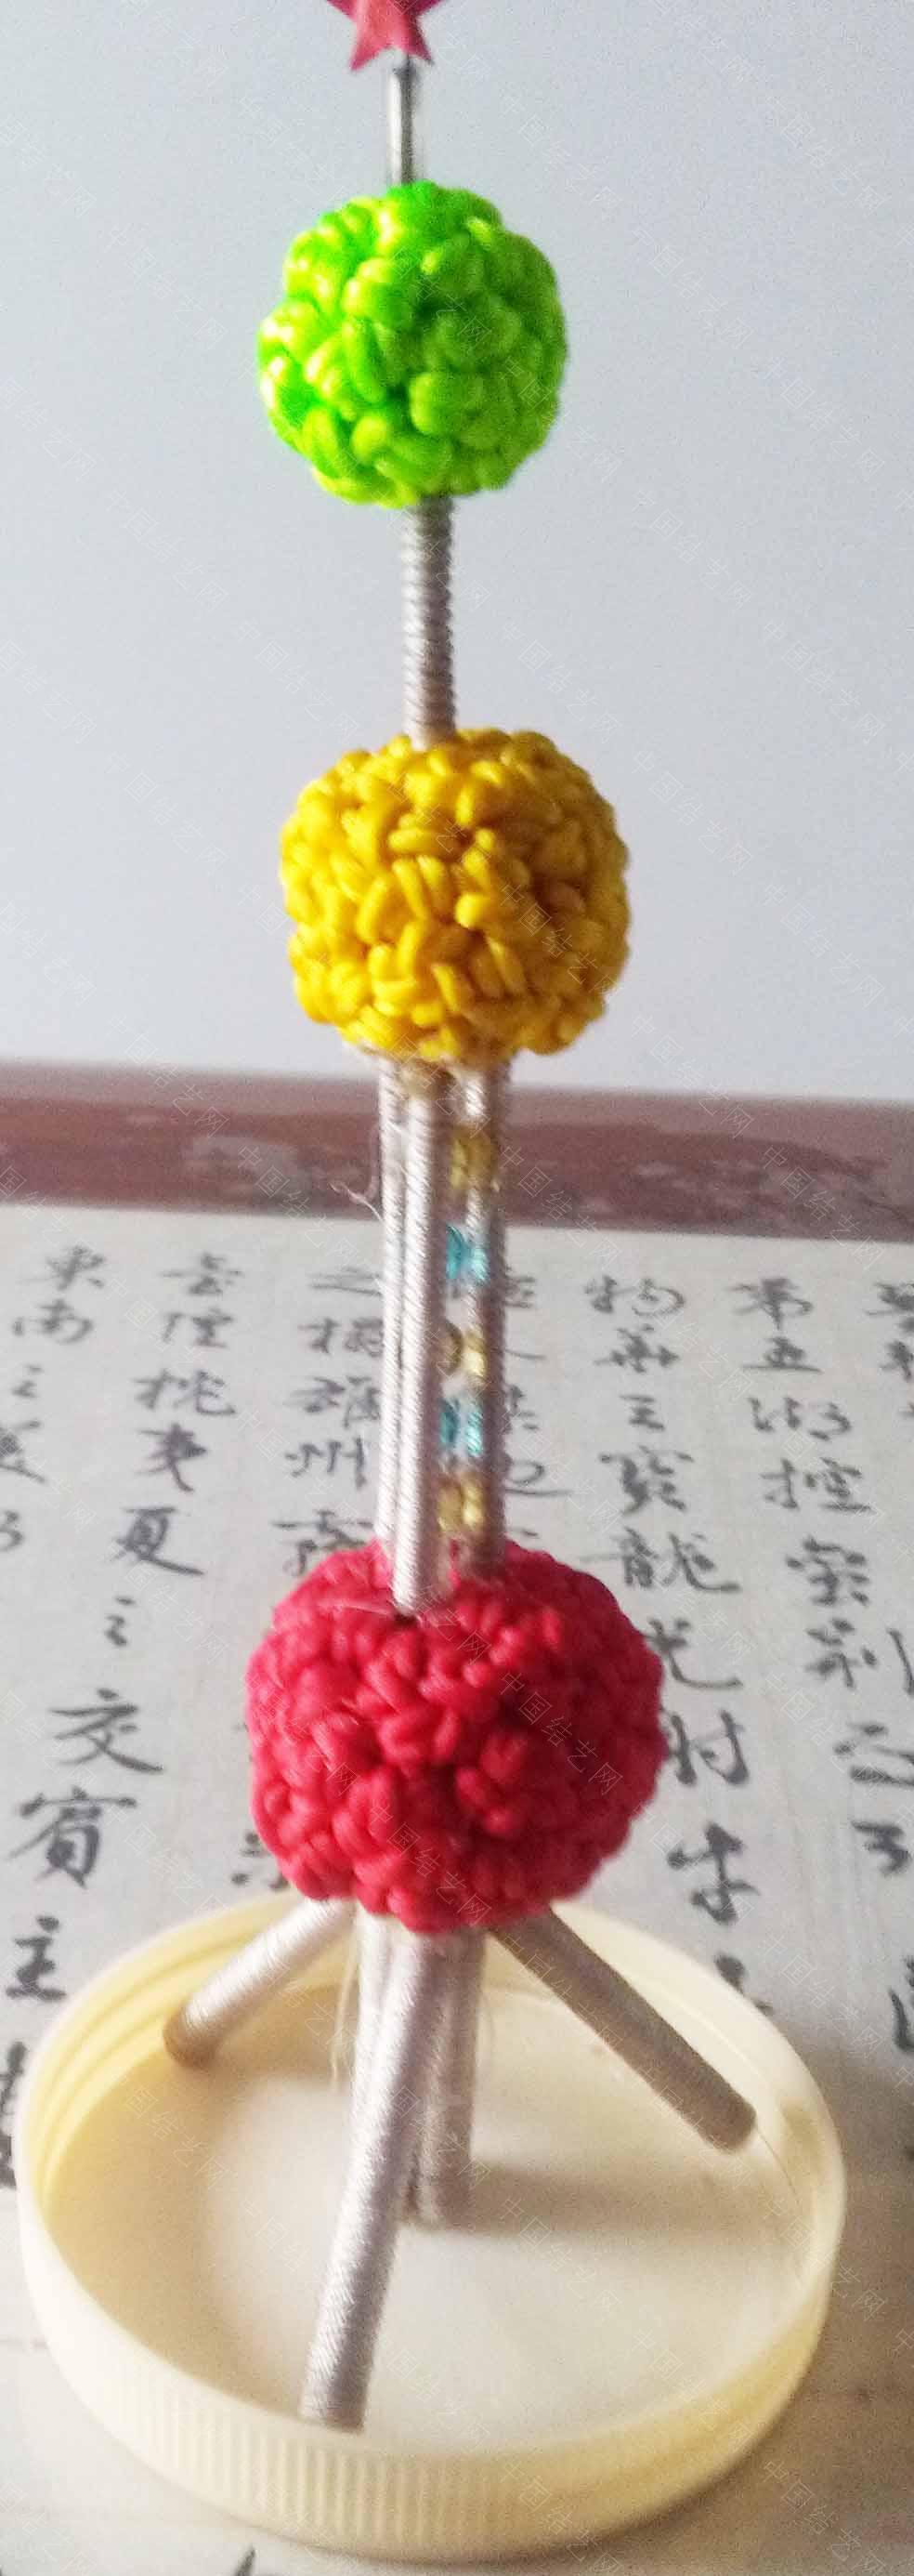 中国结论坛 东方明珠 东方明珠 冰花结(华瑶结)的教程与讨论区 161407d01zoopnxx5pspxt